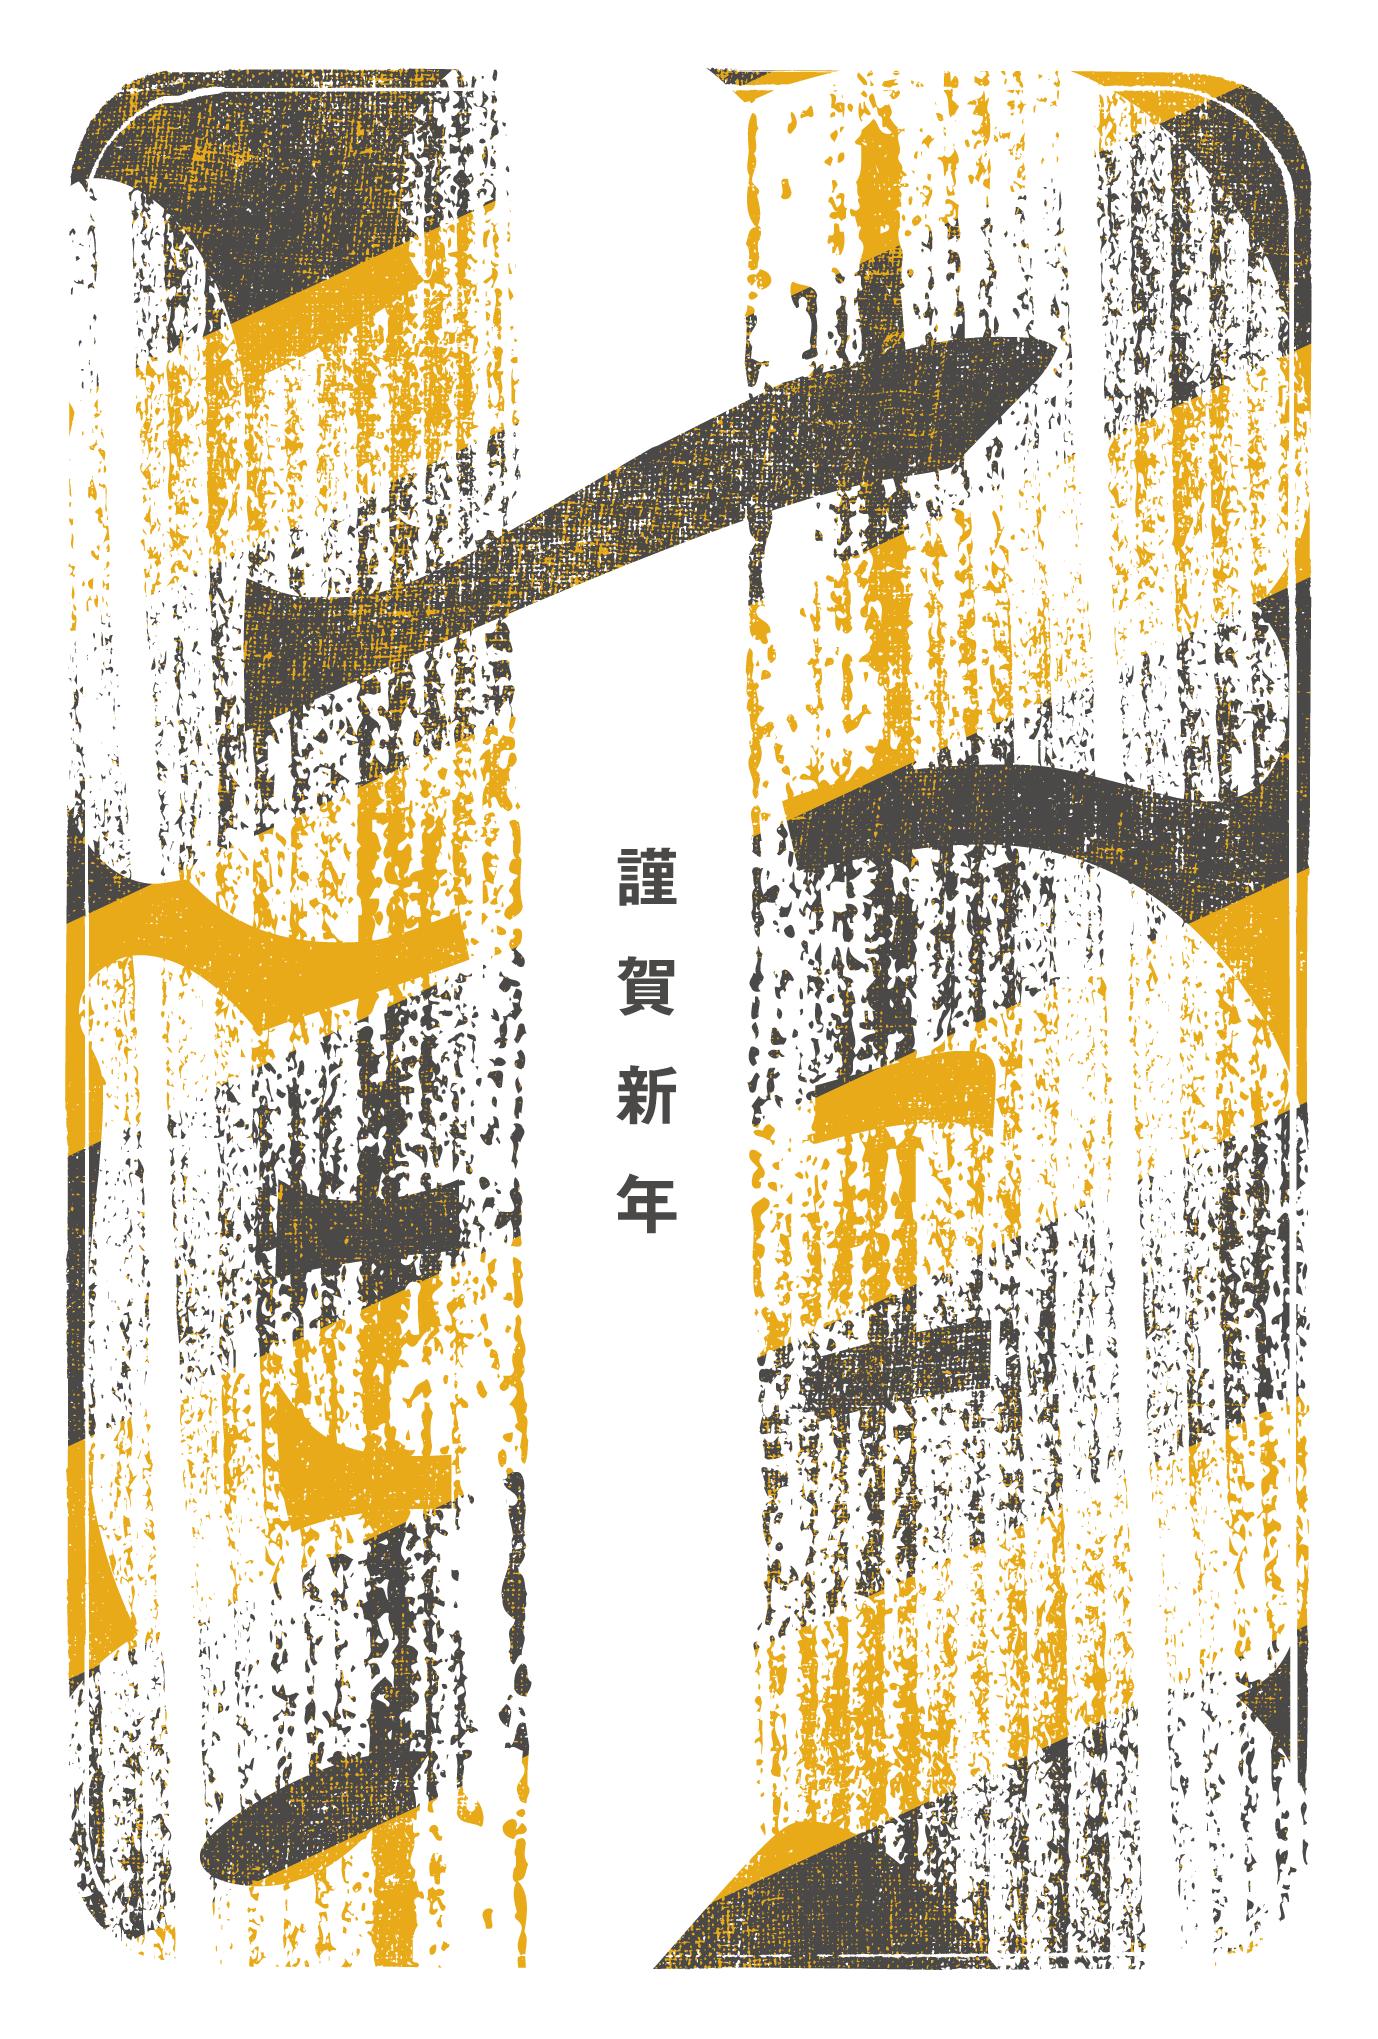 2022年賀状04-1:江戸勘亭流 / 寅(虎縞)のダウンロード画像